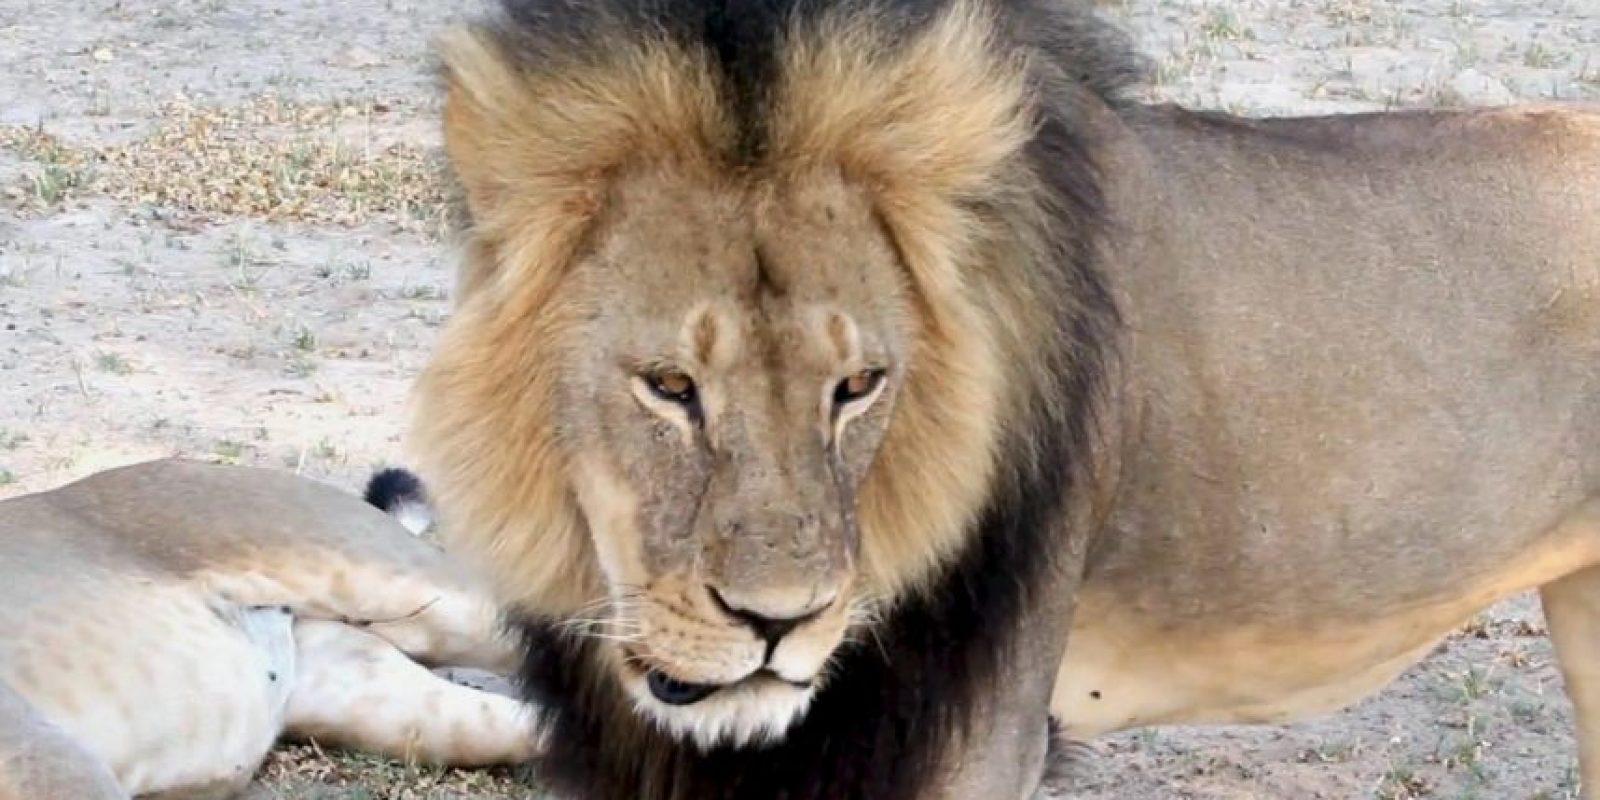 Ambos eran miembros de la manada de Cecil y tenían un fuerte vínculo. Foto:AP